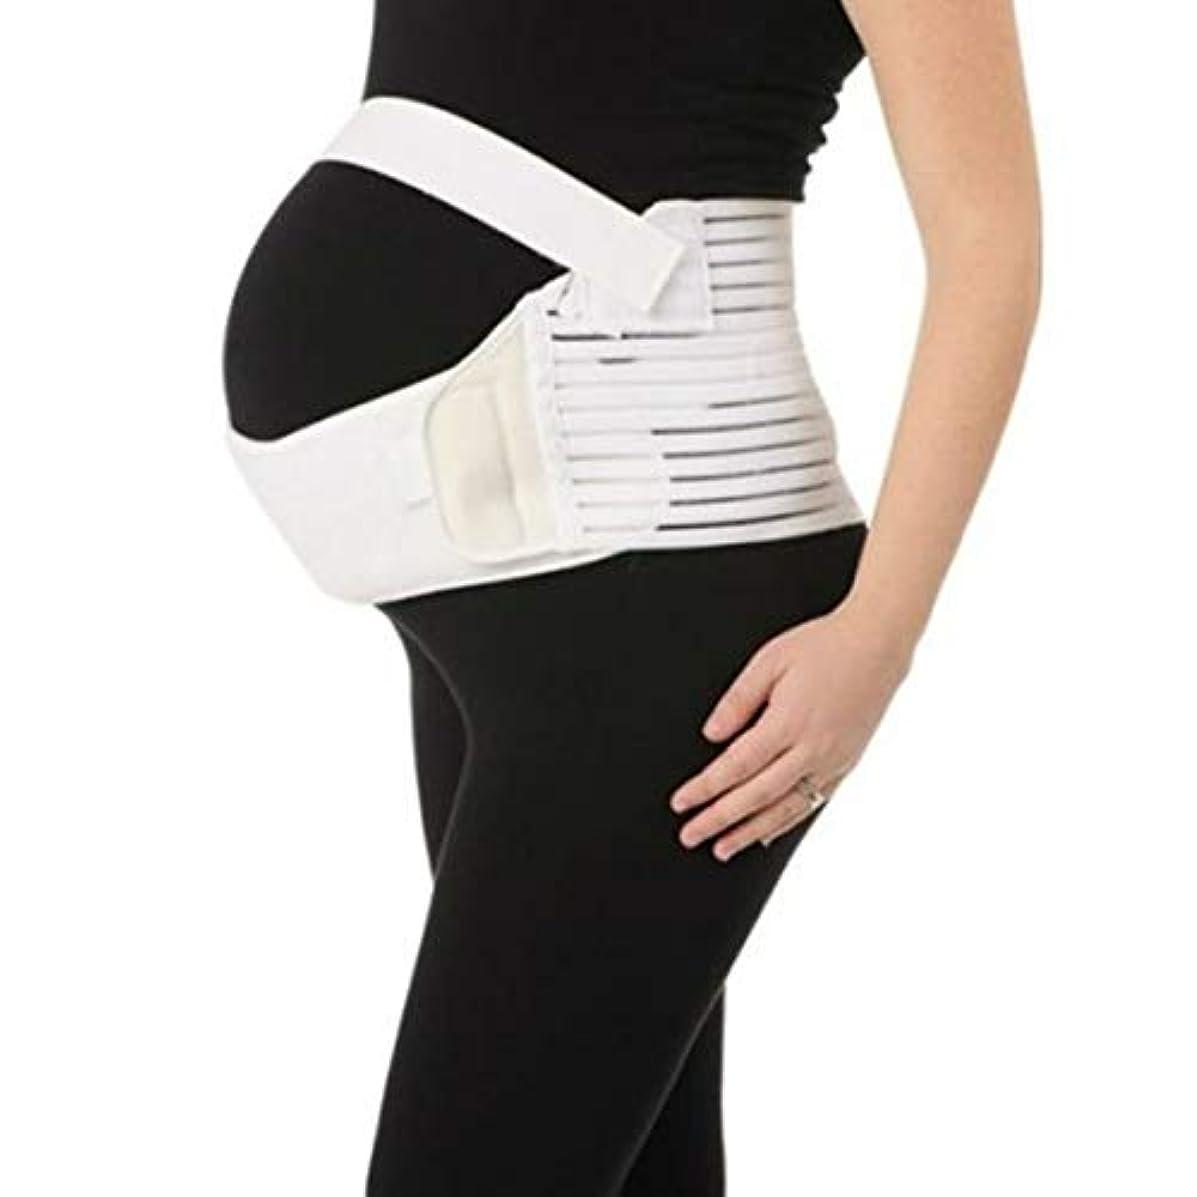 怪物団結するいたずら通気性マタニティベルト妊娠腹部サポート腹部バインダーガードル運動包帯産後の回復shapewear - ホワイトL